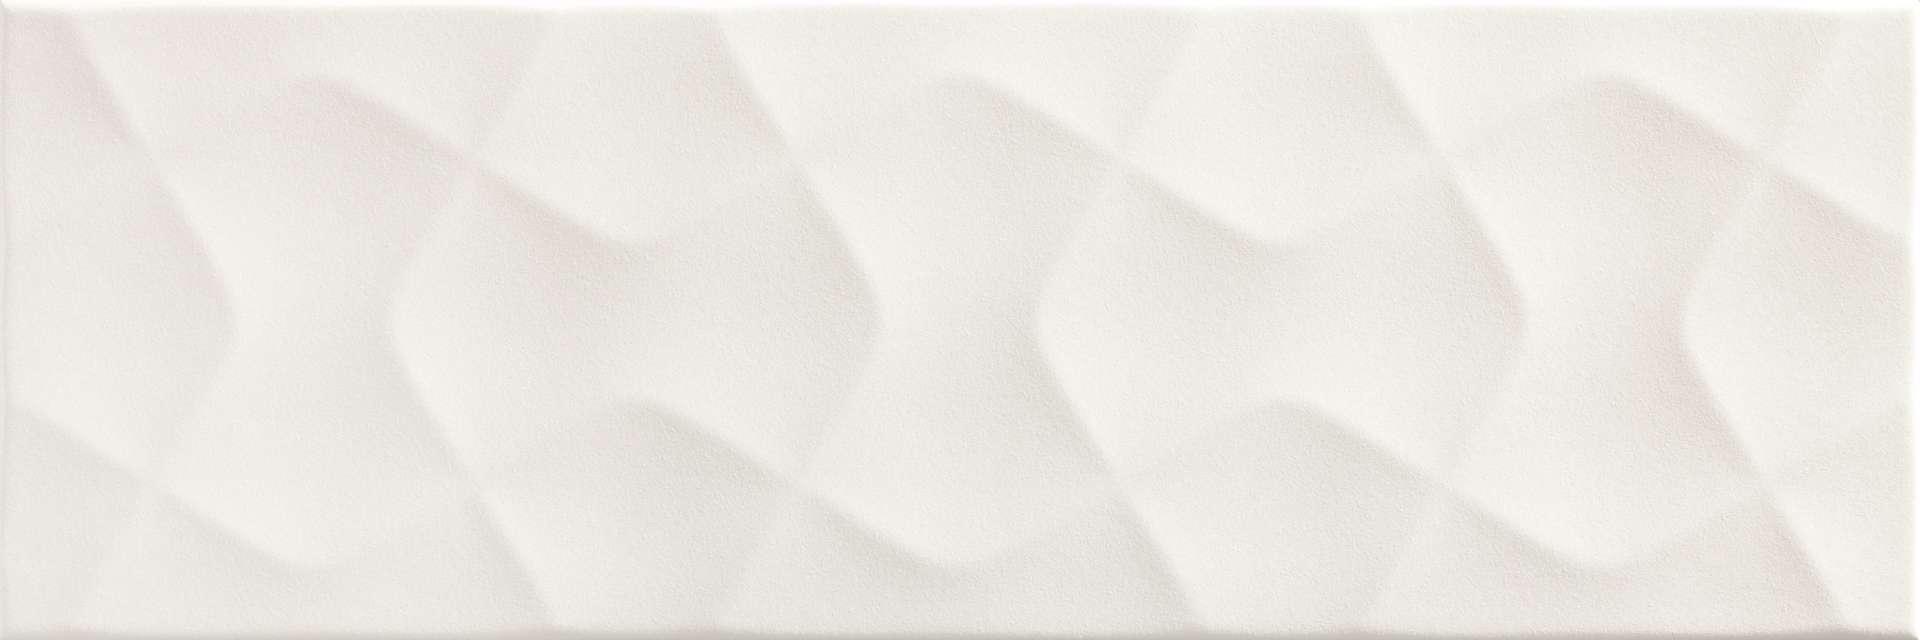 Faianță pentru baie Pamesa Garten Blanco Mat 200x600 texturată și lucioasă alb / 9